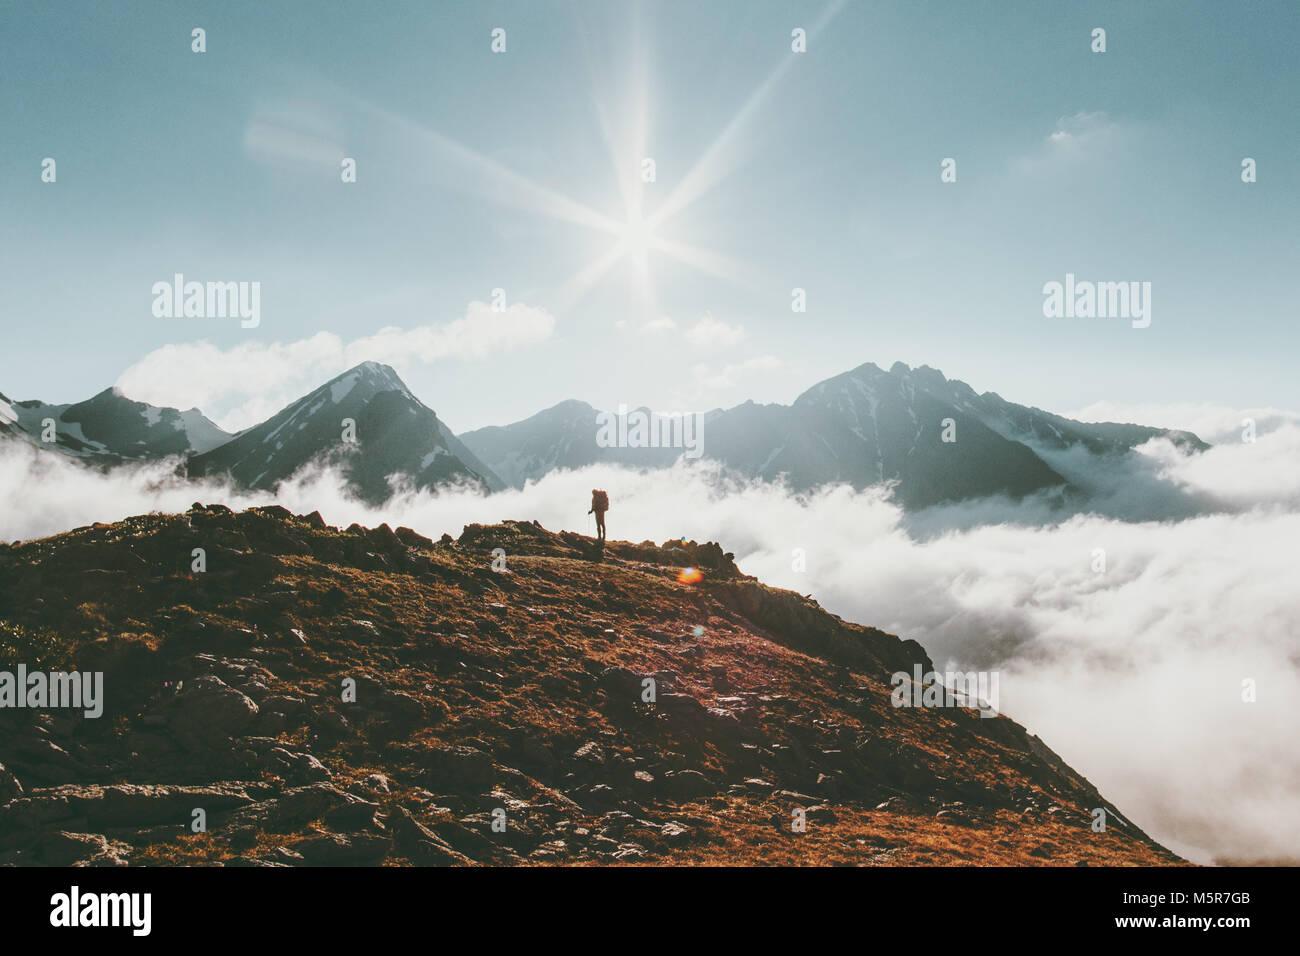 Paesaggio di montagna lo stile di vita di viaggio adventure concept traveler in piedi da solo le vacanze estive Immagini Stock